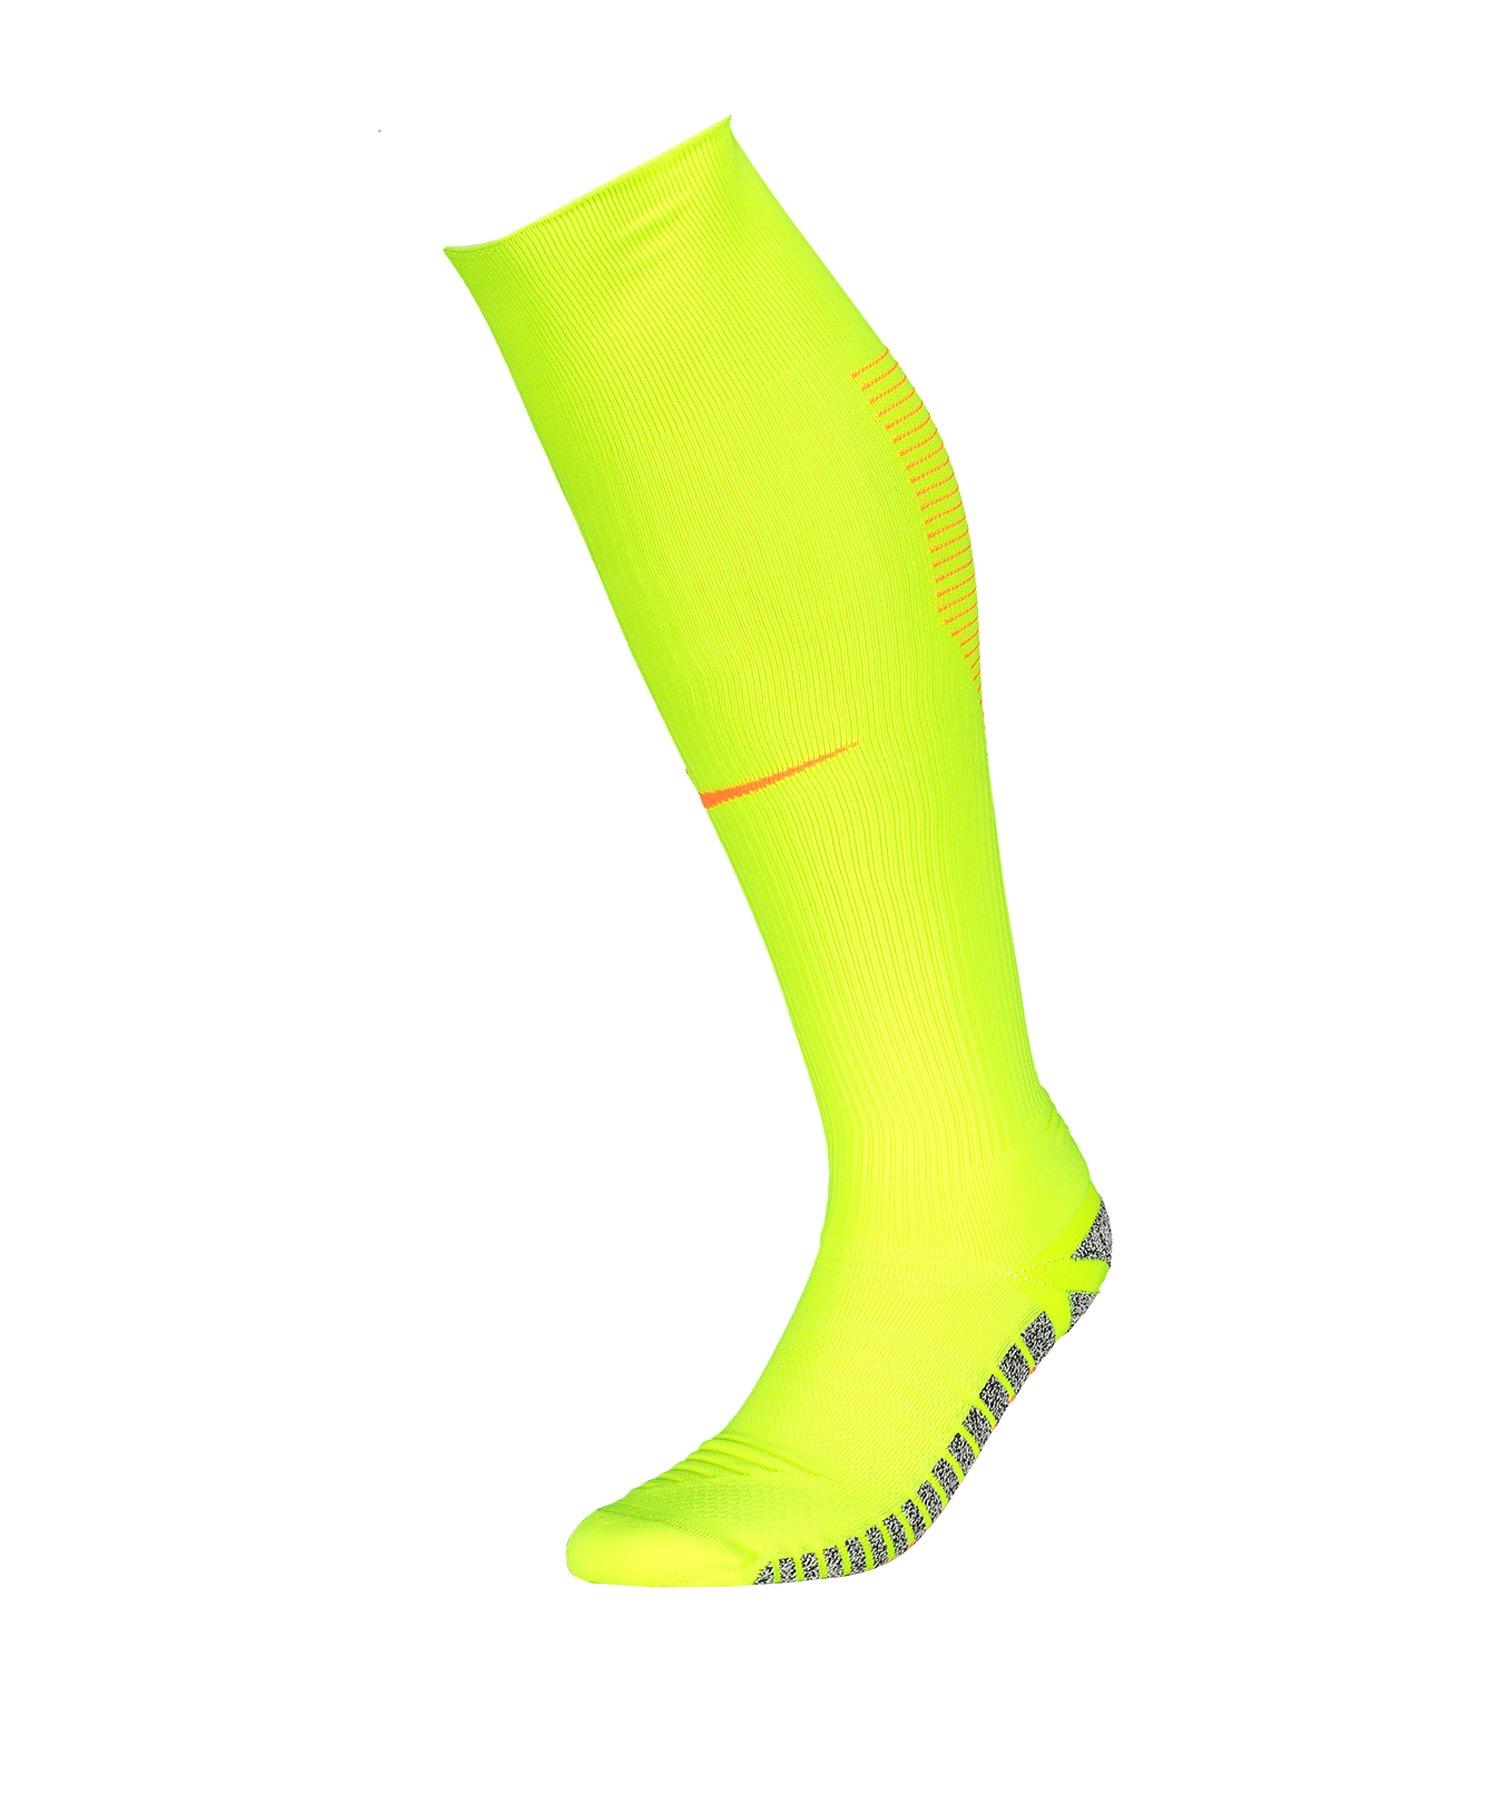 Nike Grip Strike Lightweight Stutzenstrumpf F702